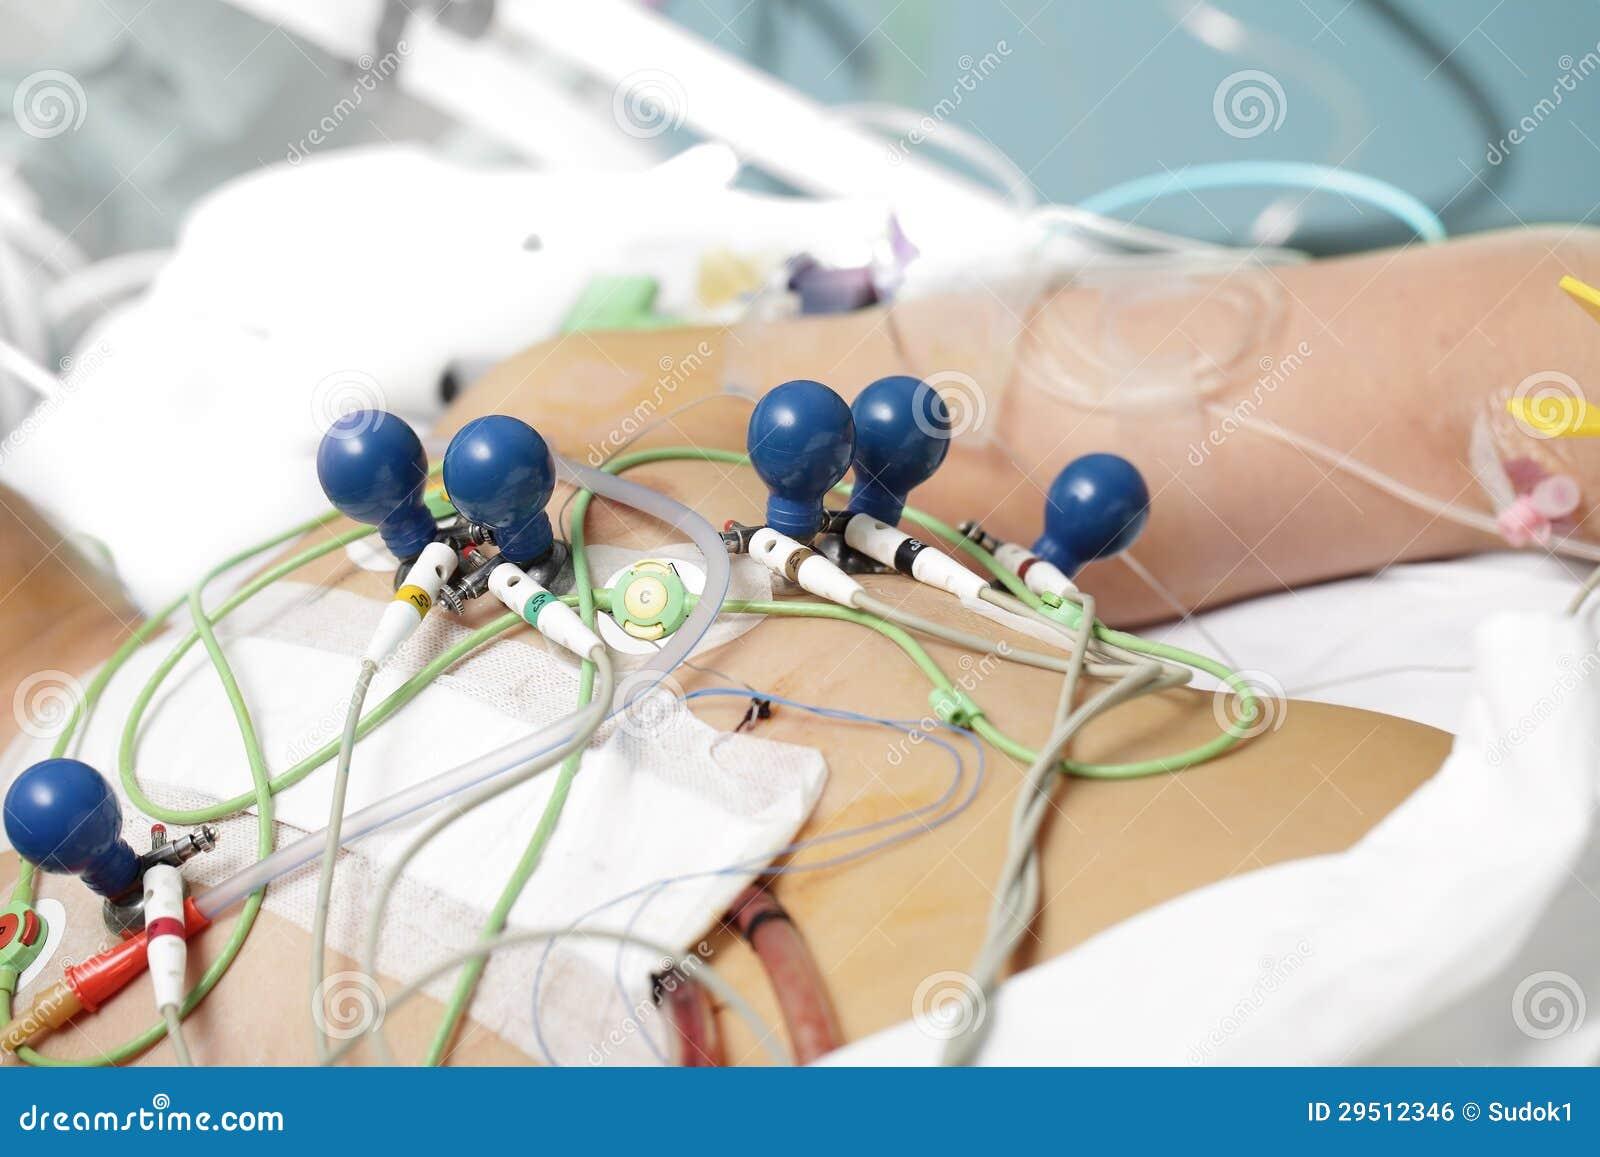 Patiënt in medische draden.